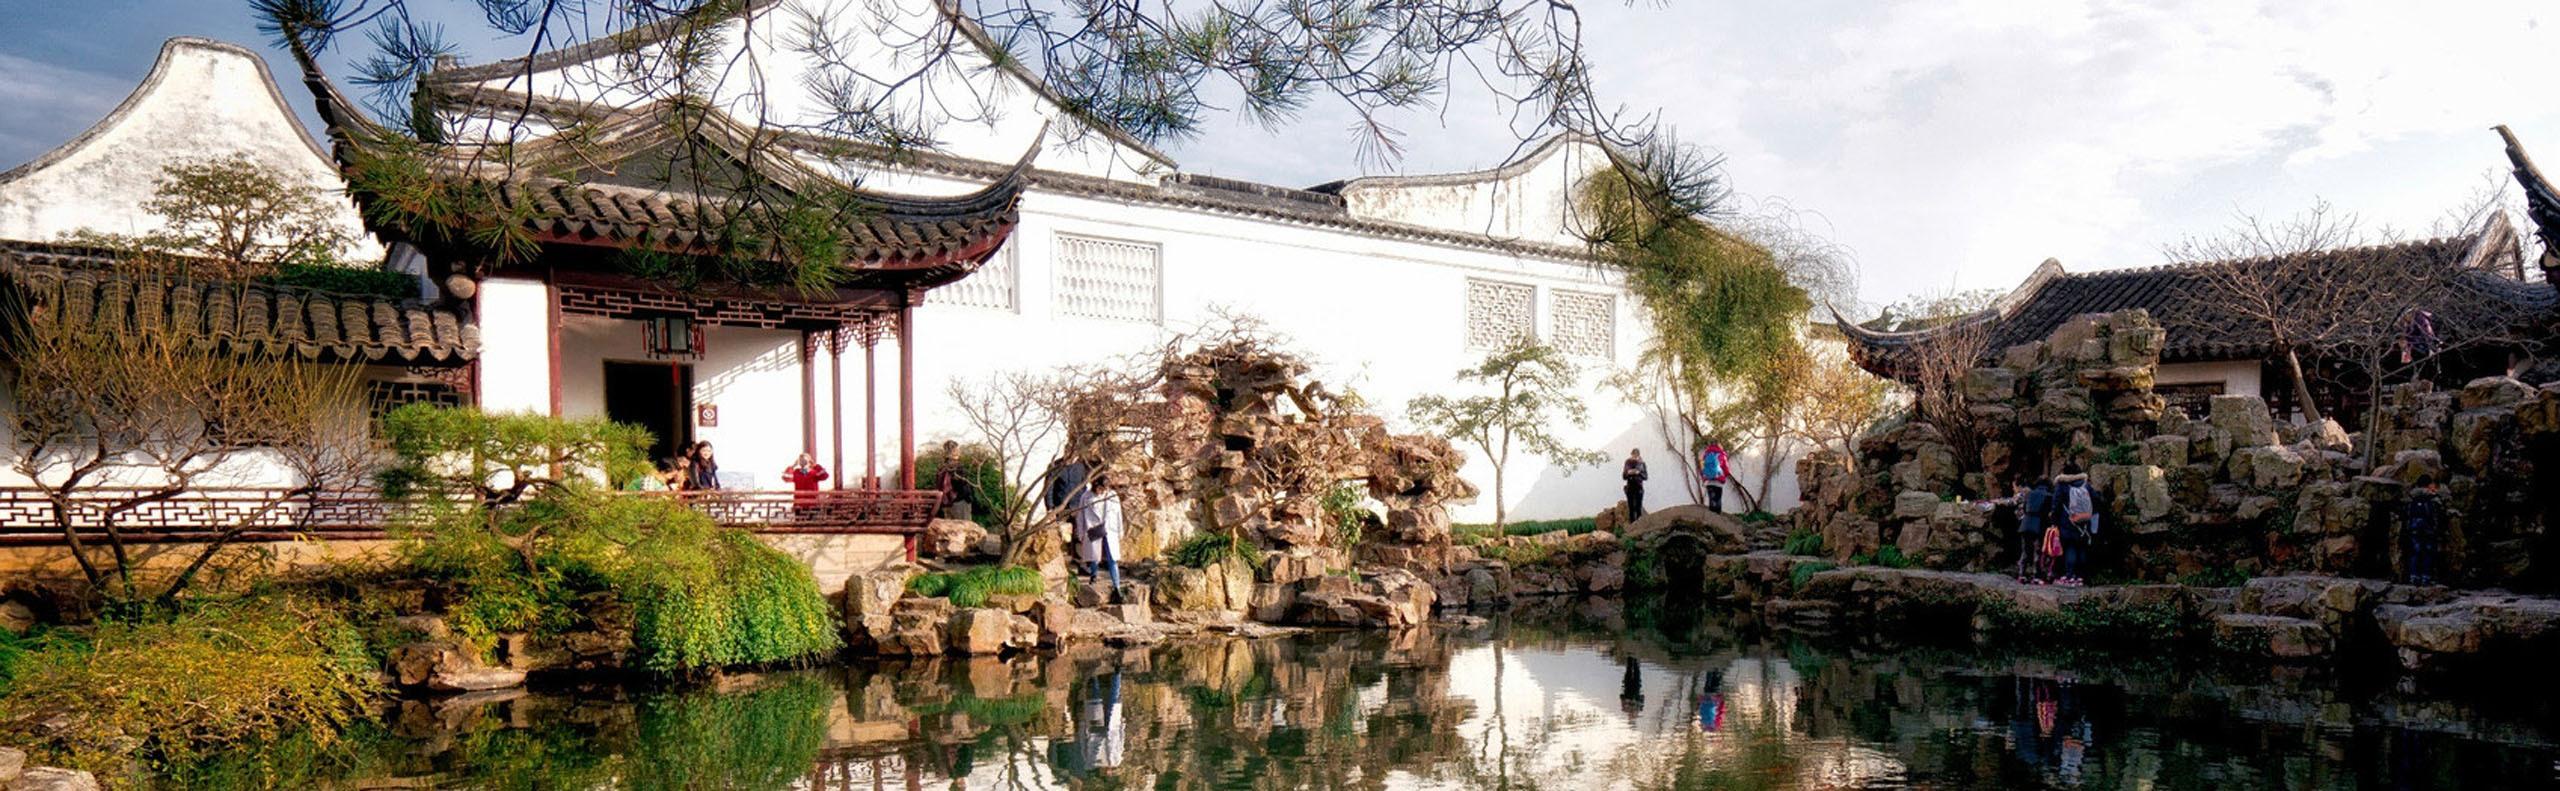 1 Day Shanghai to Suzhou Round-Trip Tour